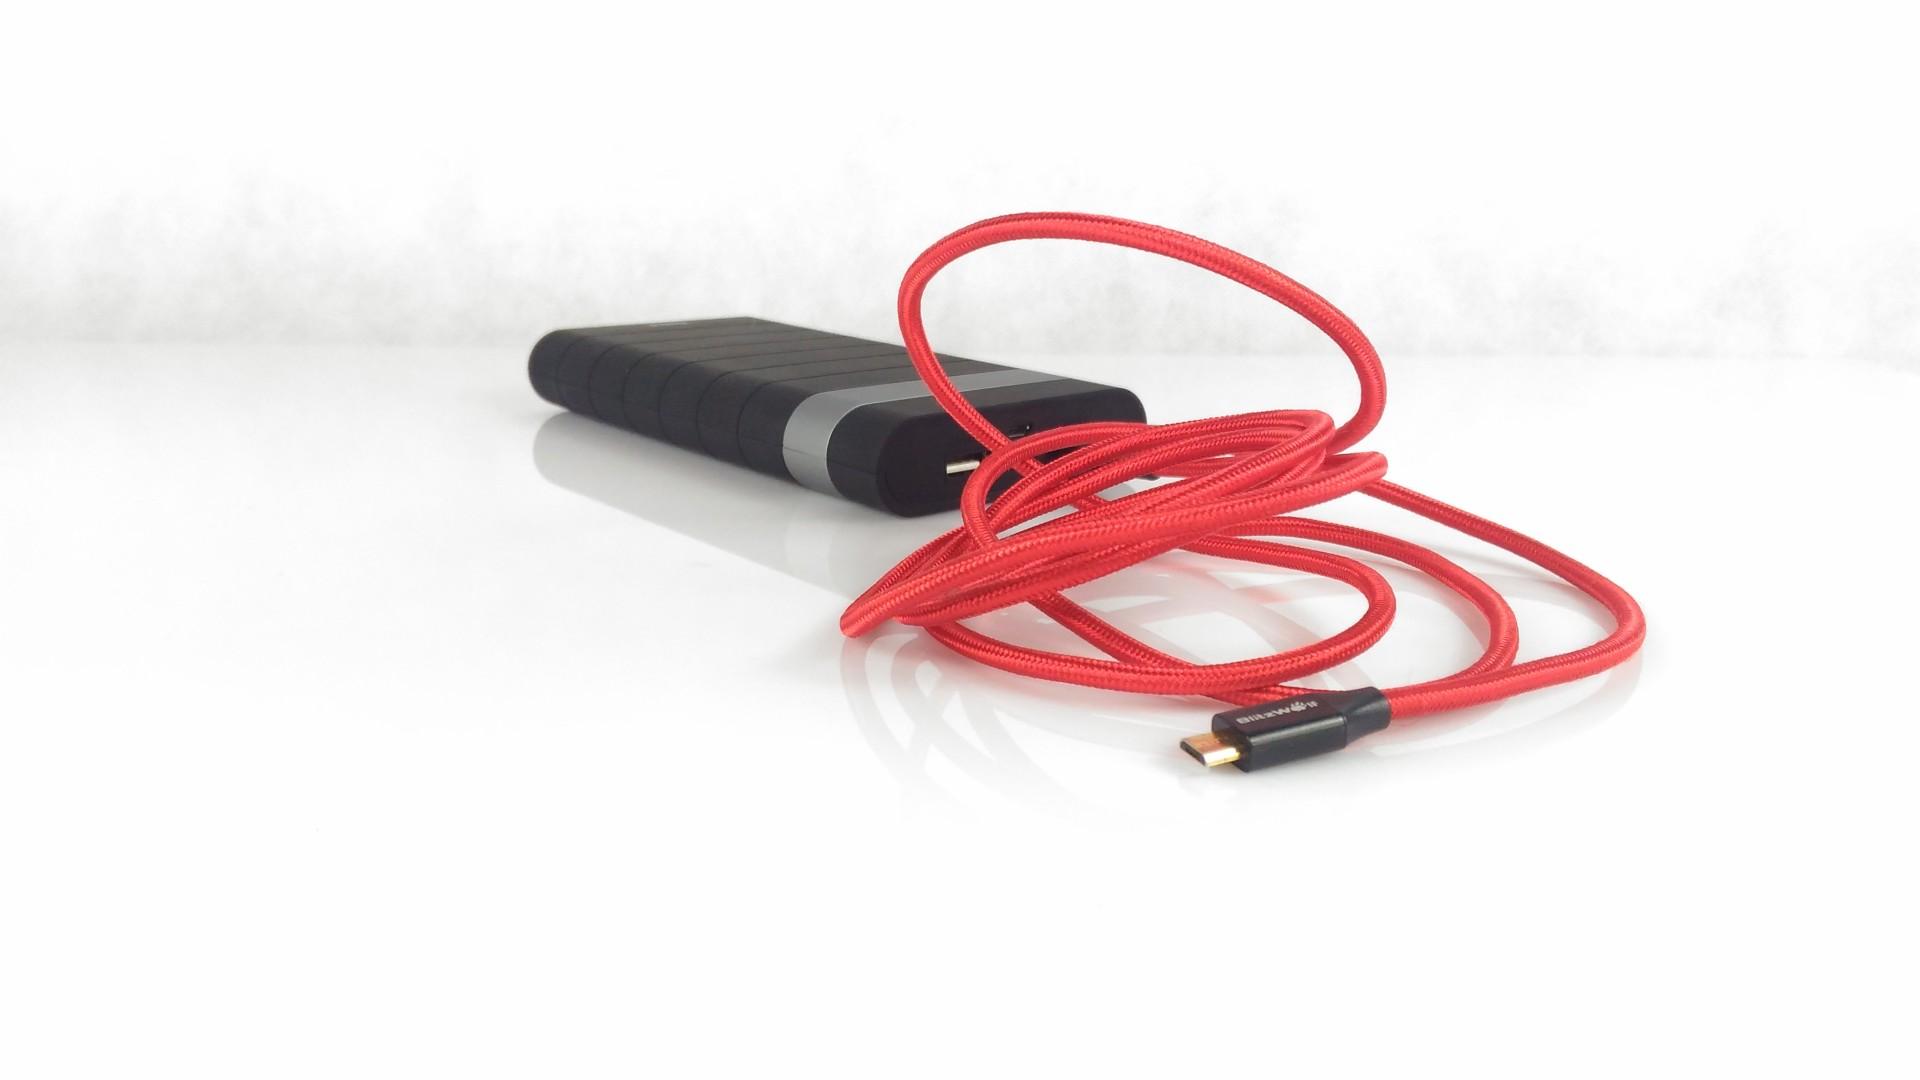 Hama Power Pack Joy 20000 mAh